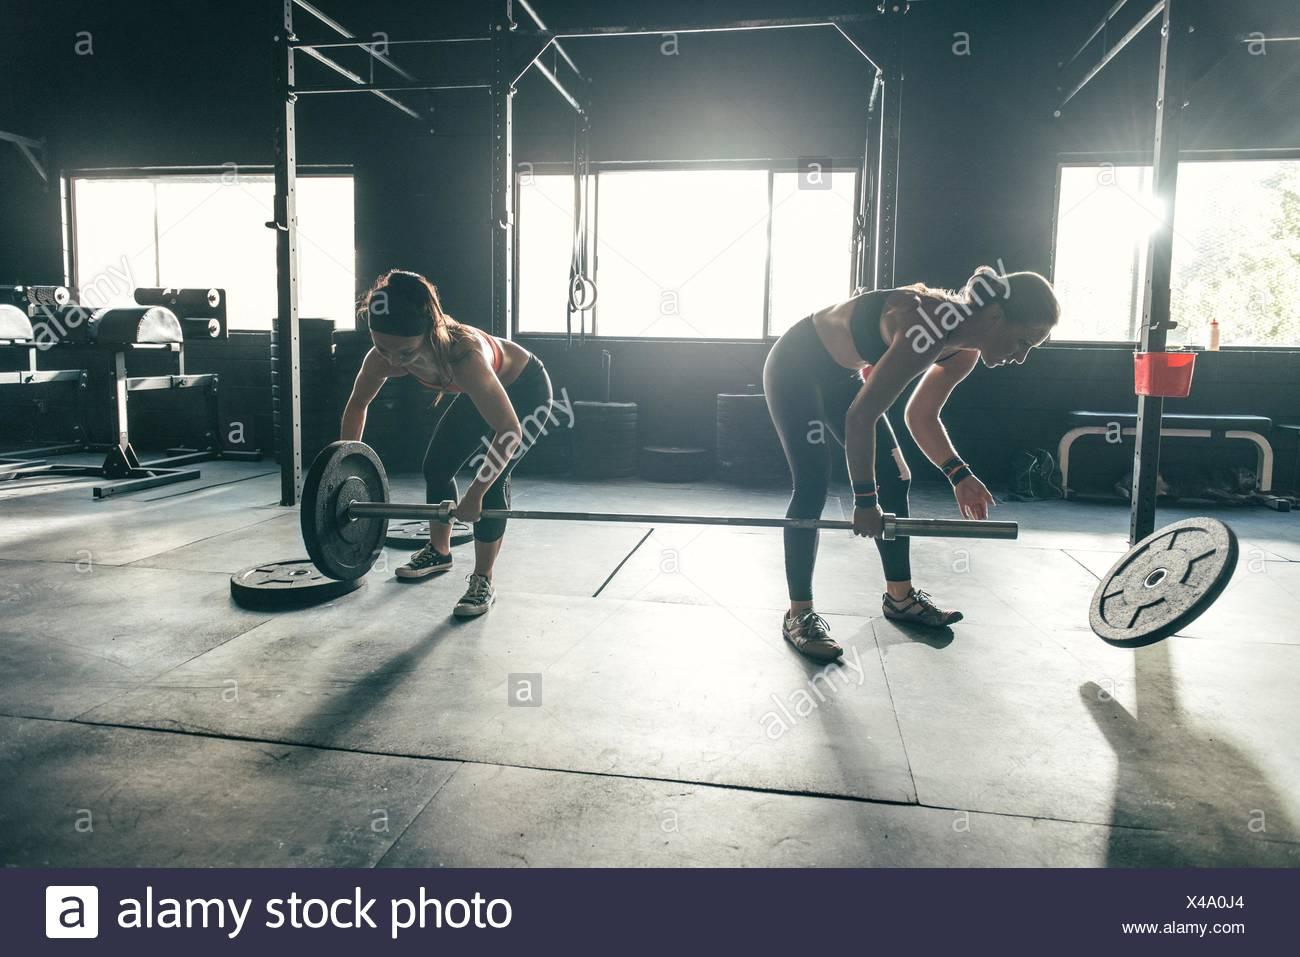 Préparer les femmes en salle de fitness haltères Photo Stock